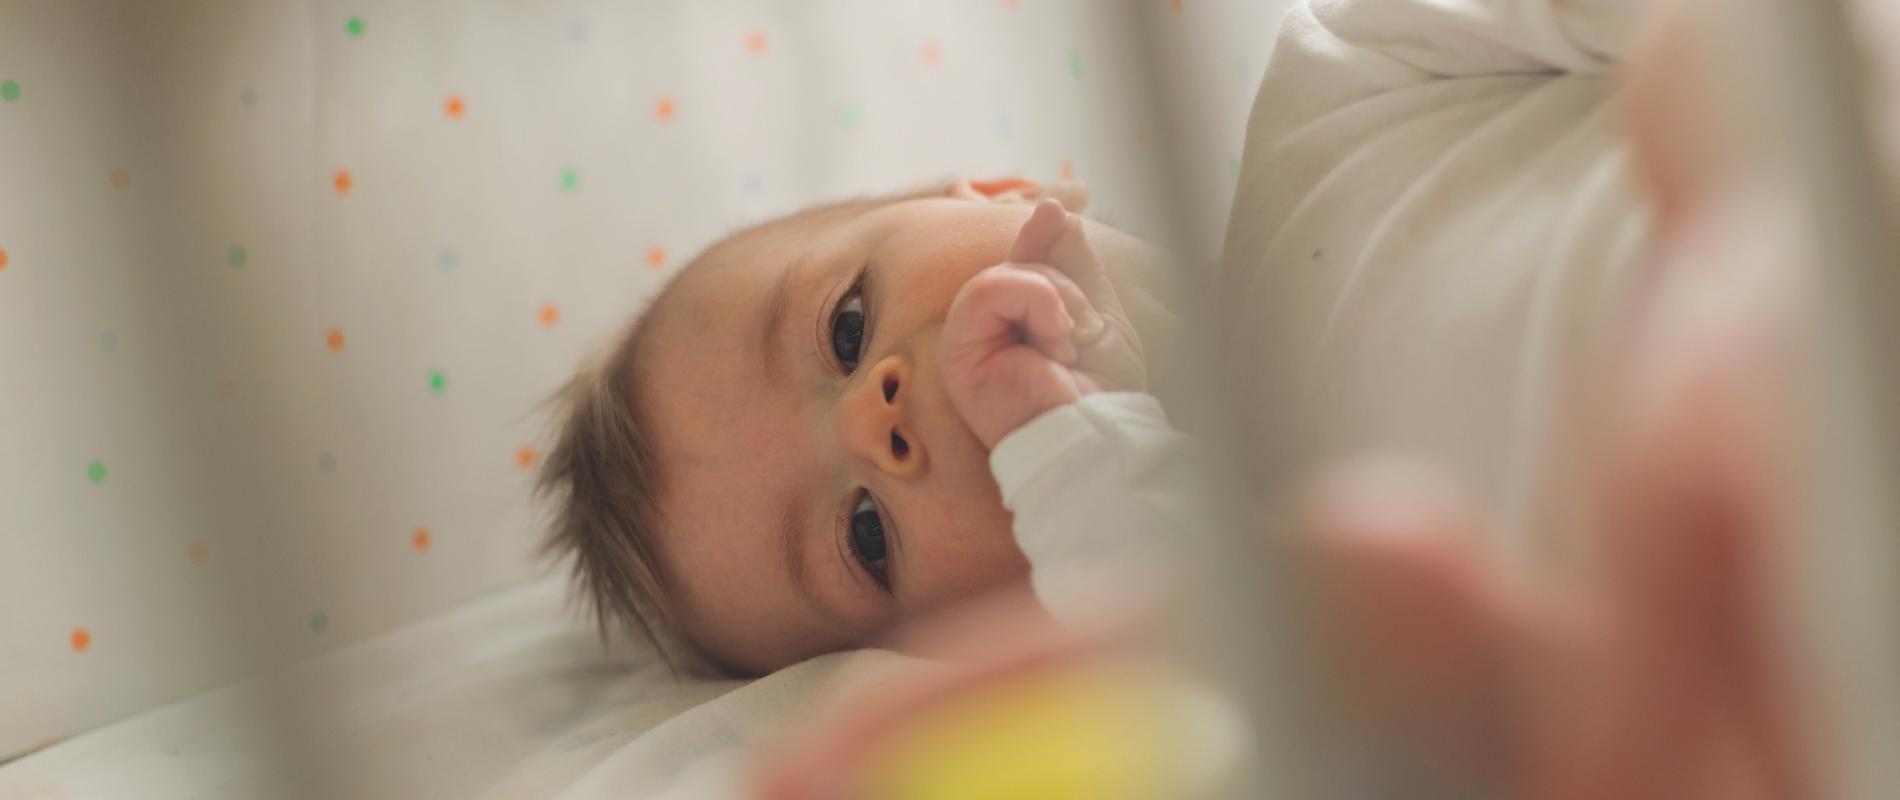 逾3成婴儿有睡眠障碍 法媒帮你分析根本原因